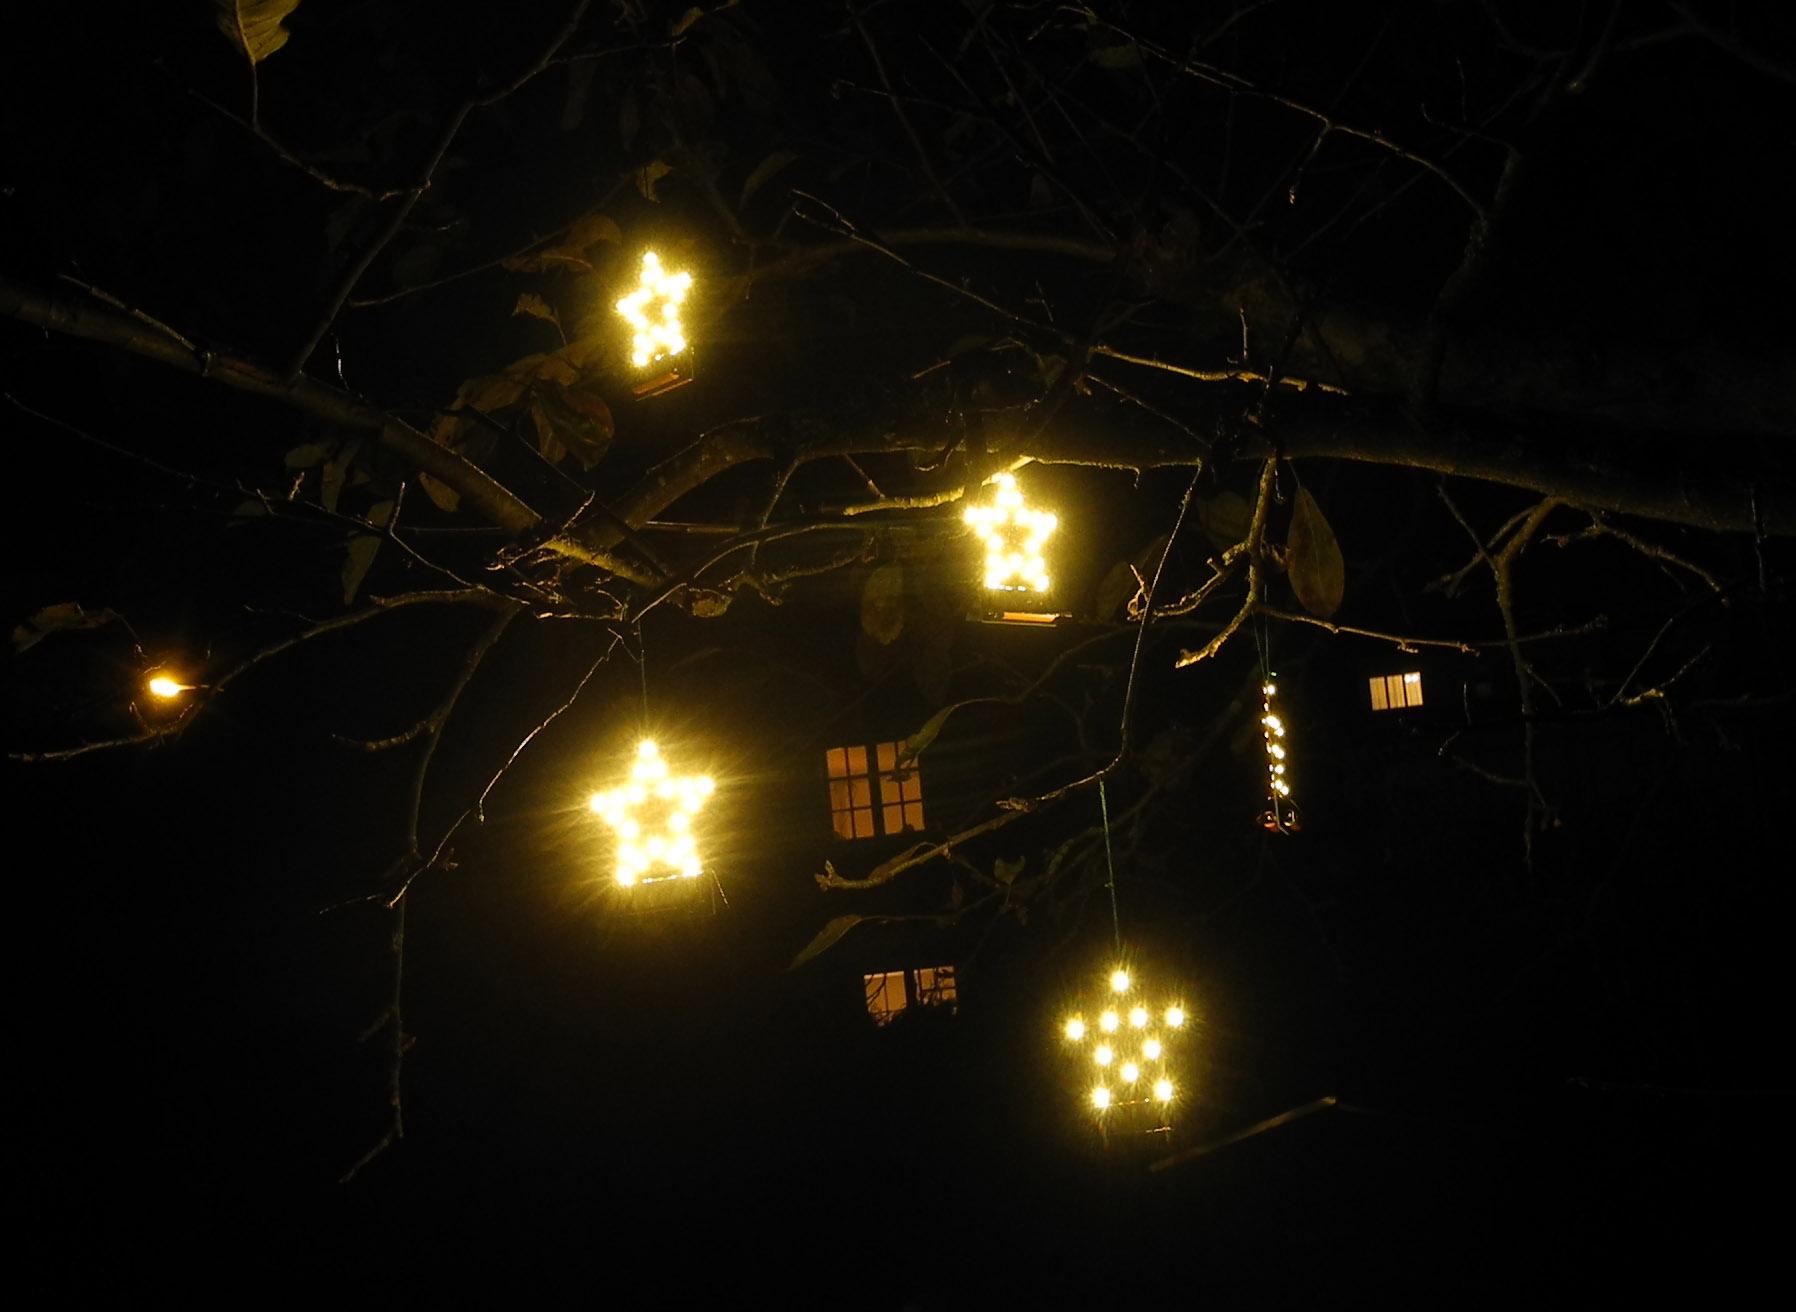 Solar Weihnachtsbeleuchtung.Weihnachtsbeleuchtungen Mit Solar Betreiben Smartpanel